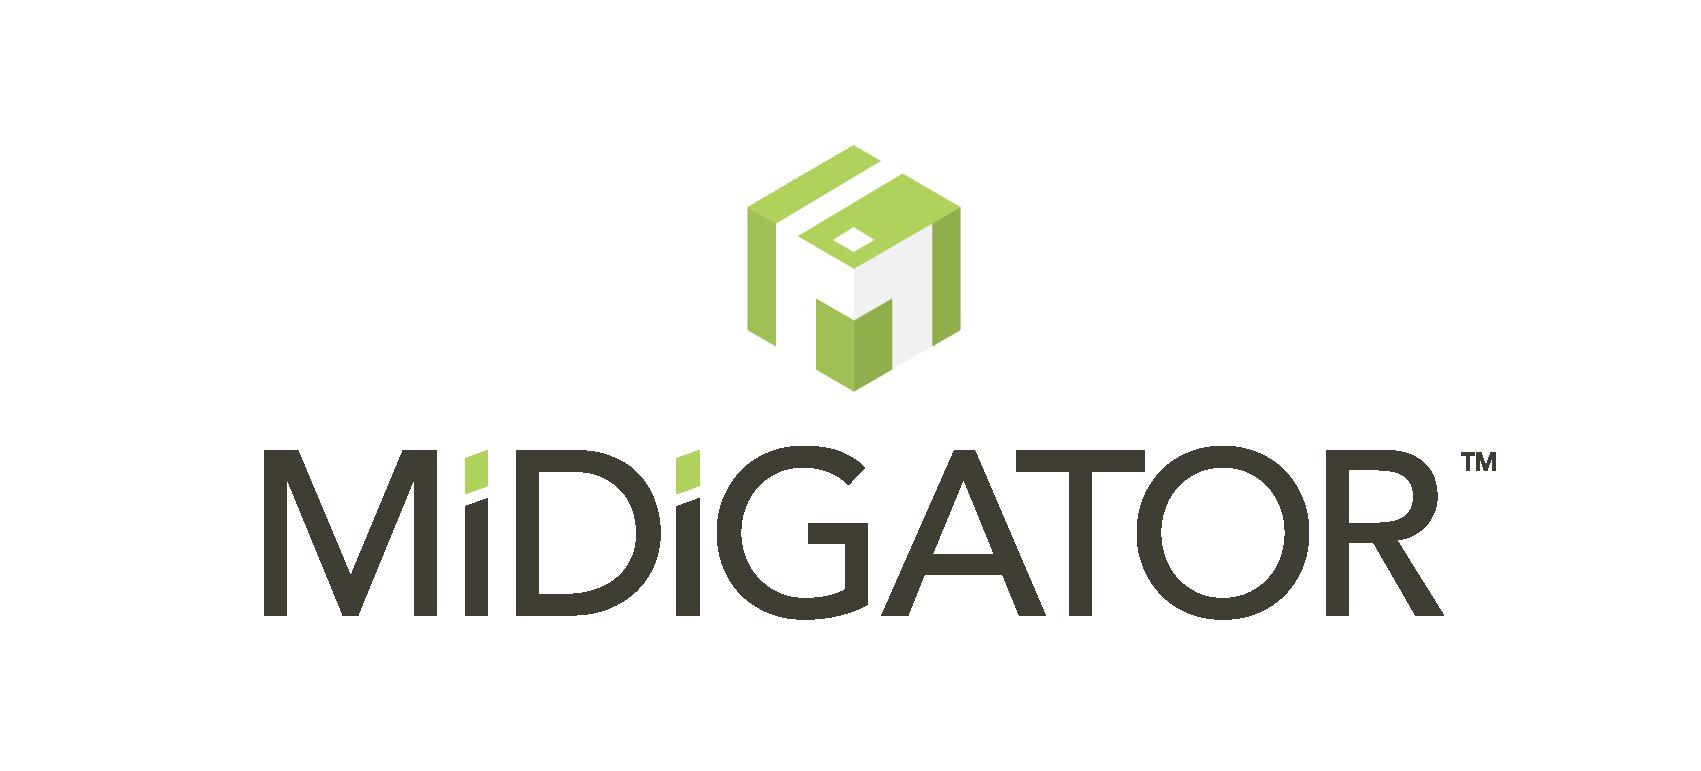 Midigator